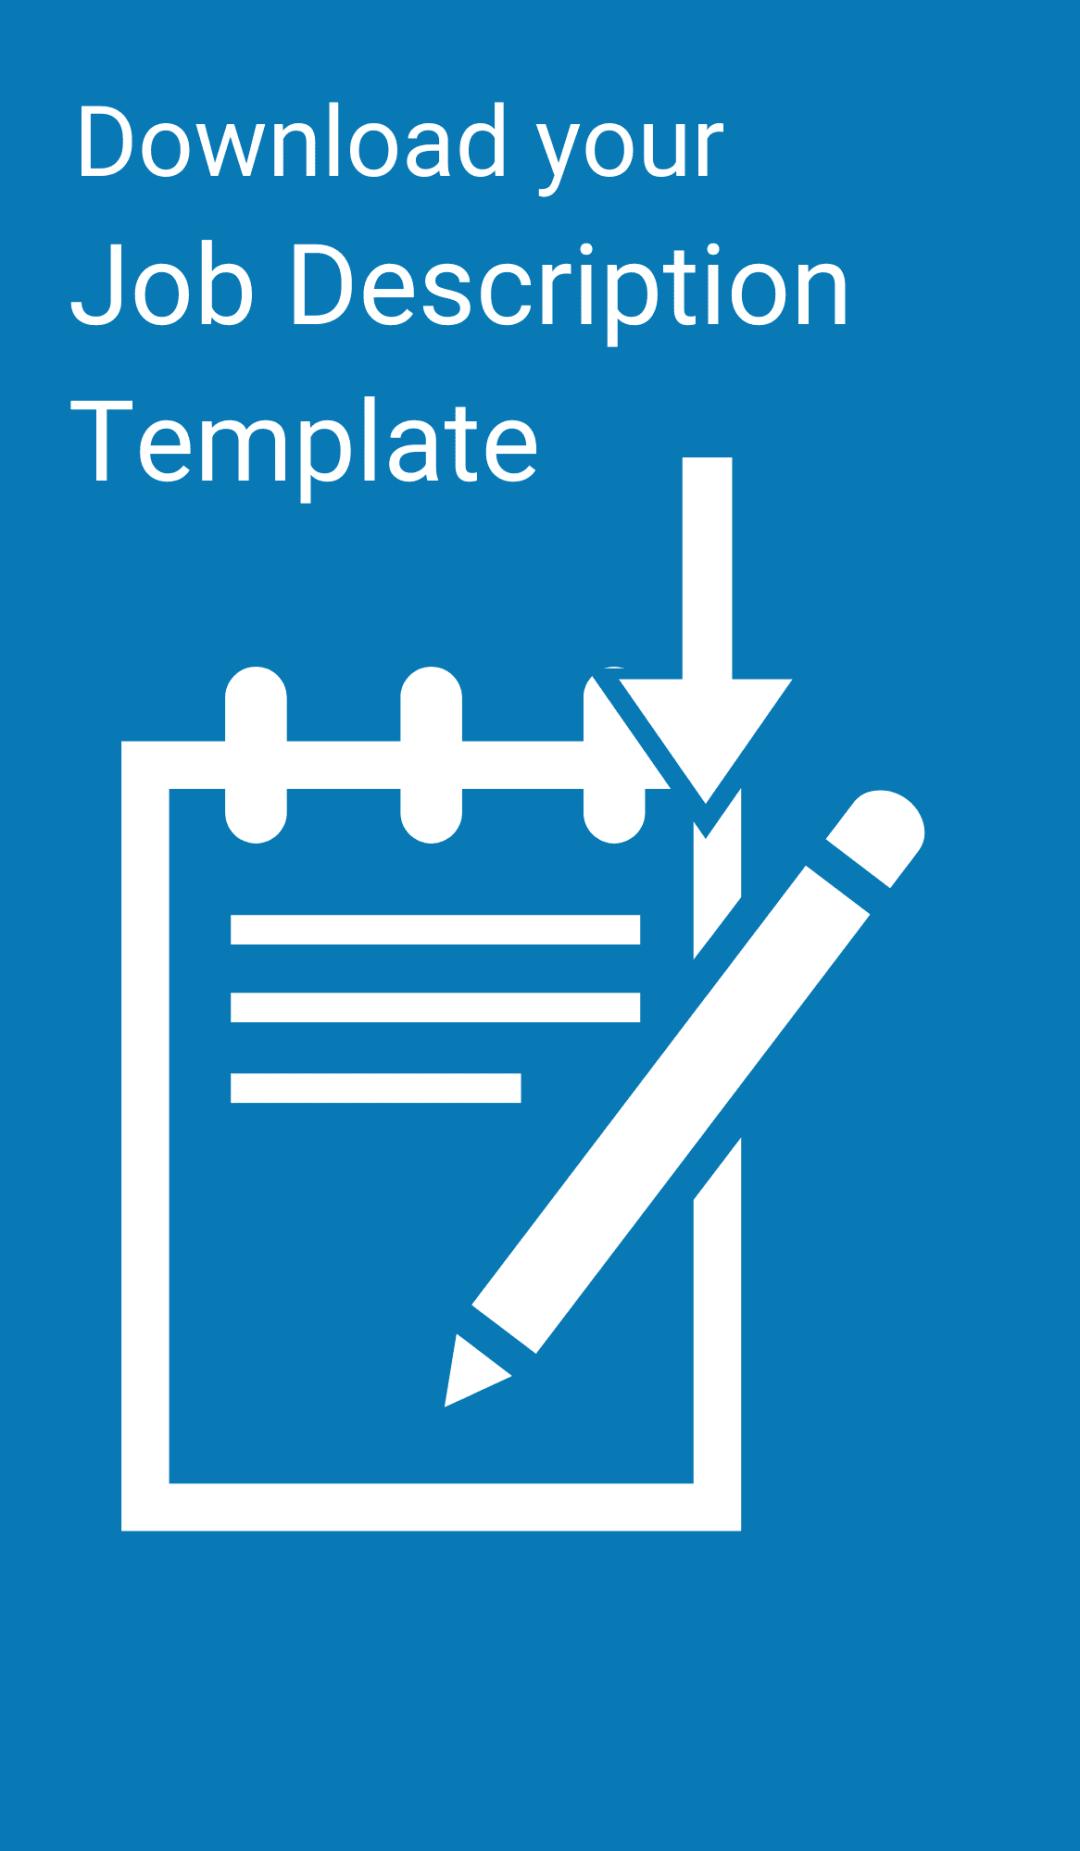 Download Your Job Description Template